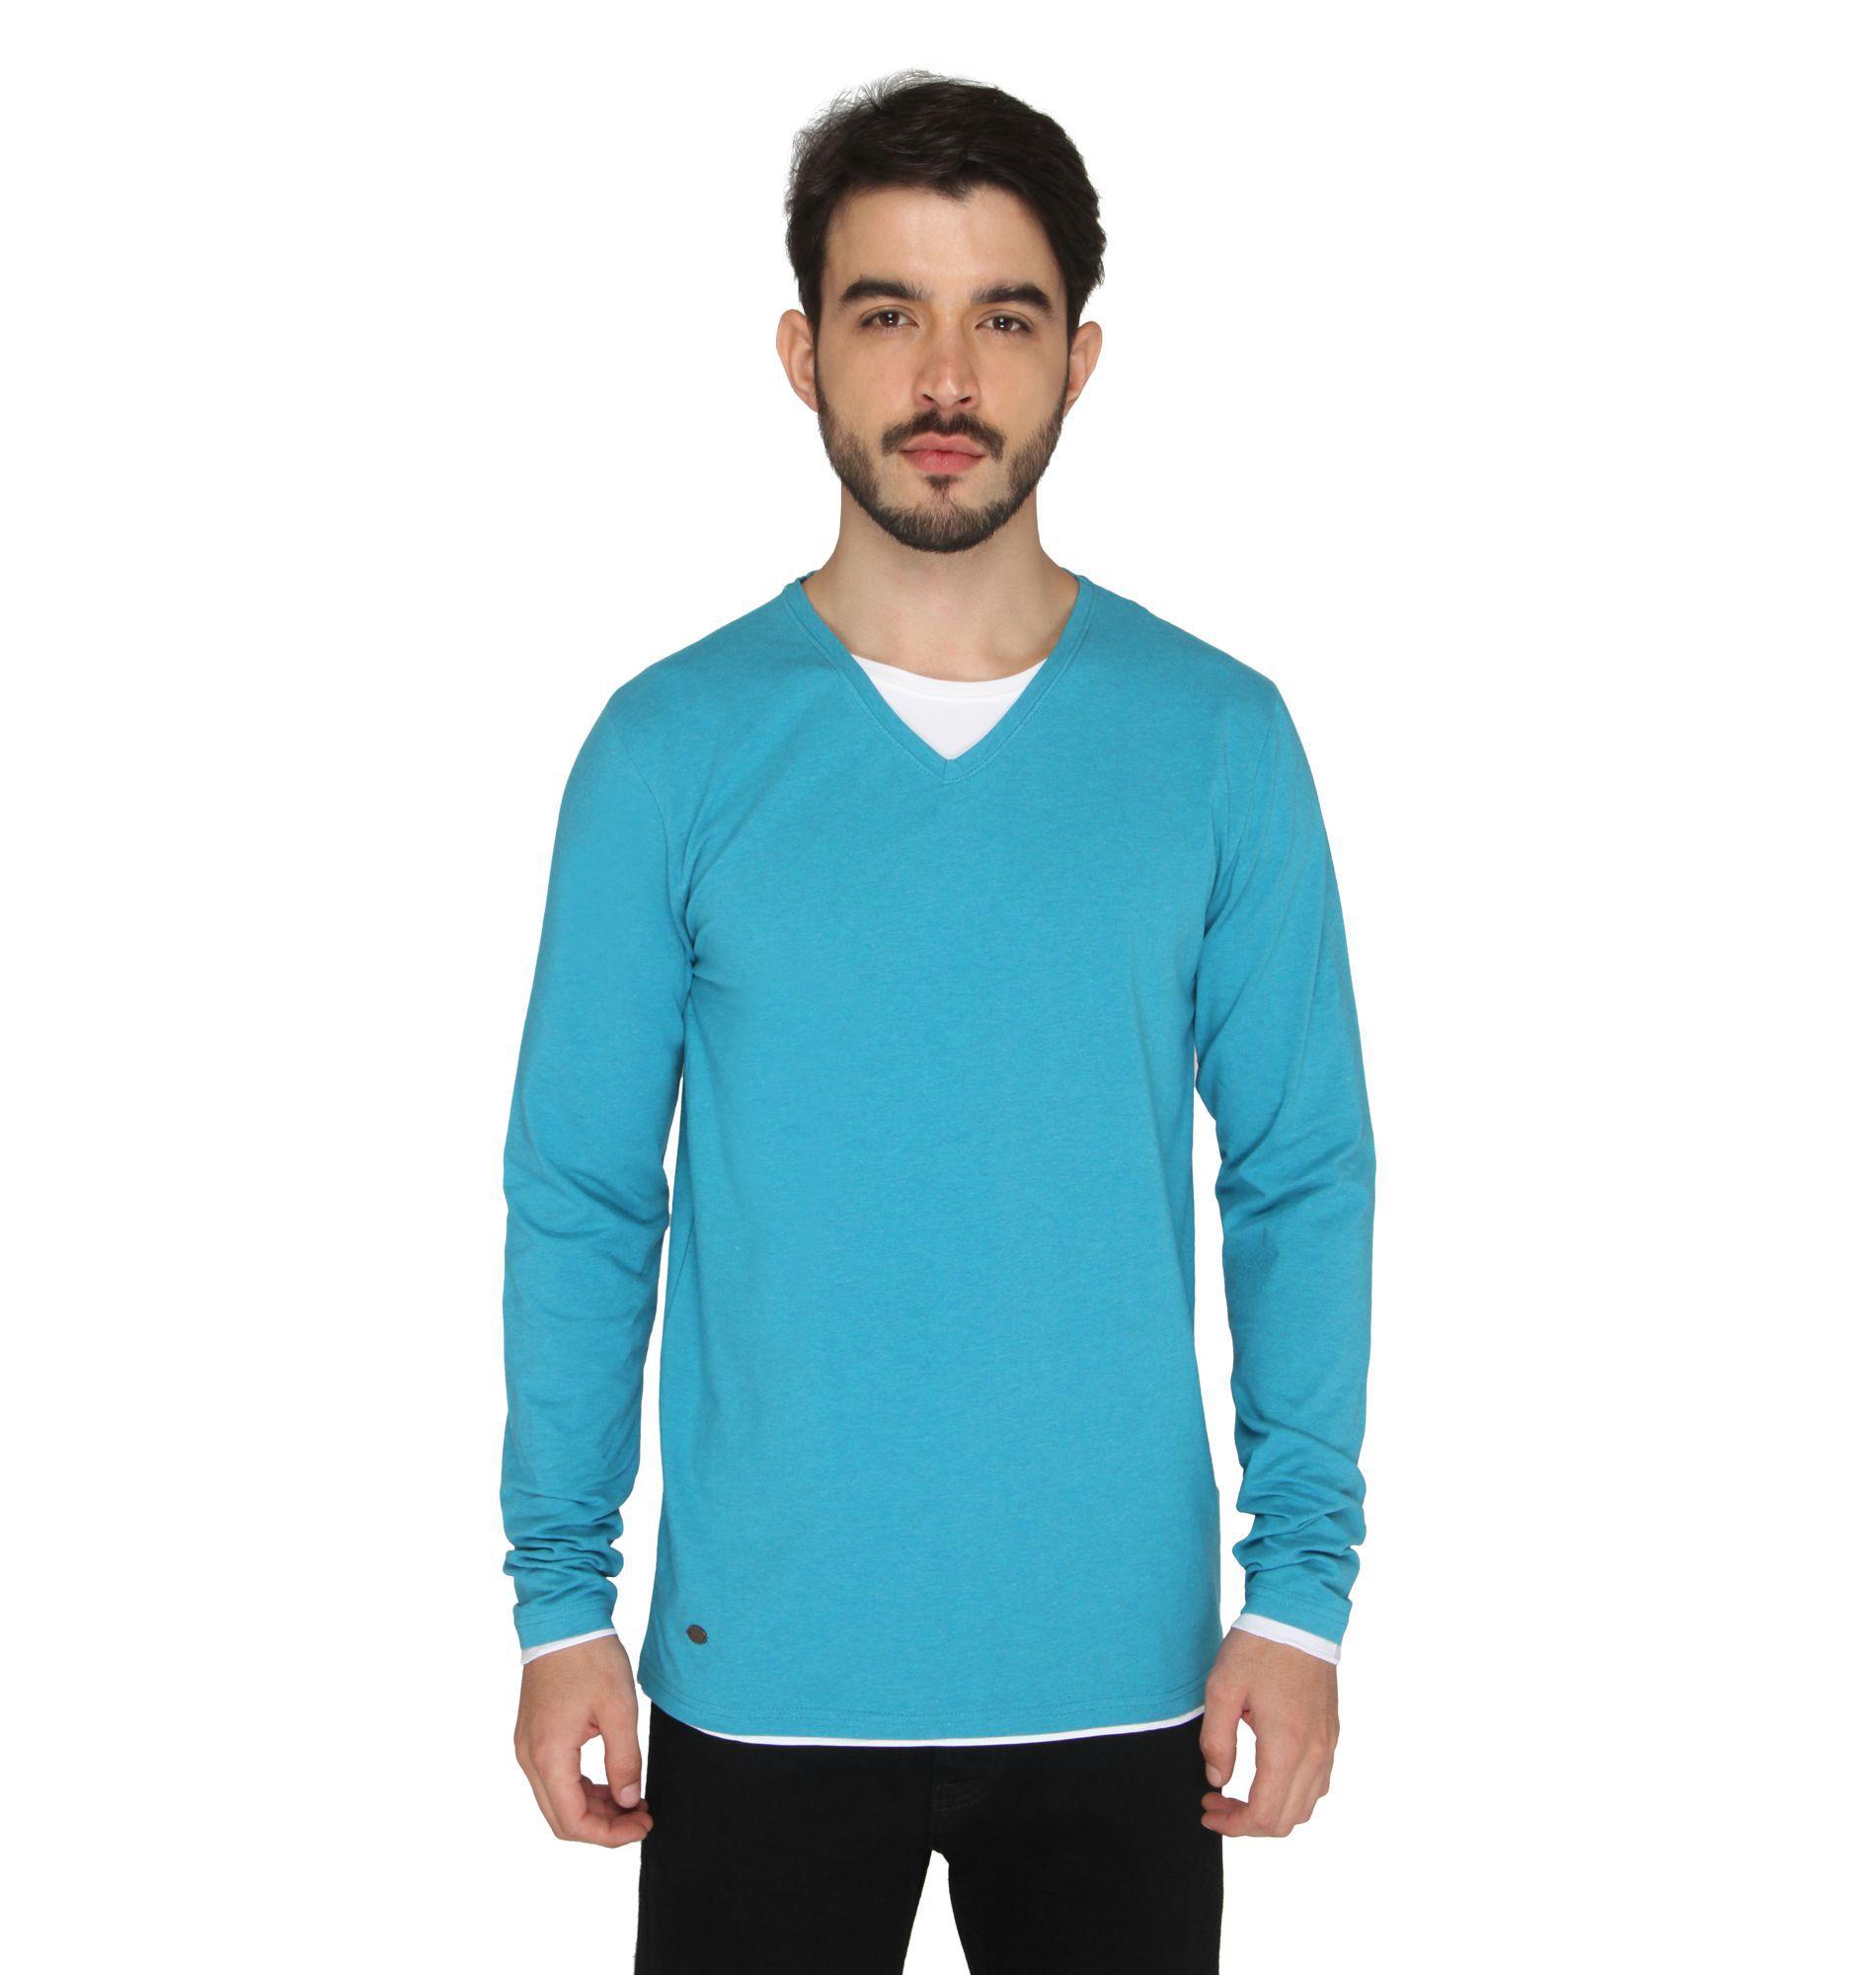 Drastic Turquoise V-Neck T-Shirt